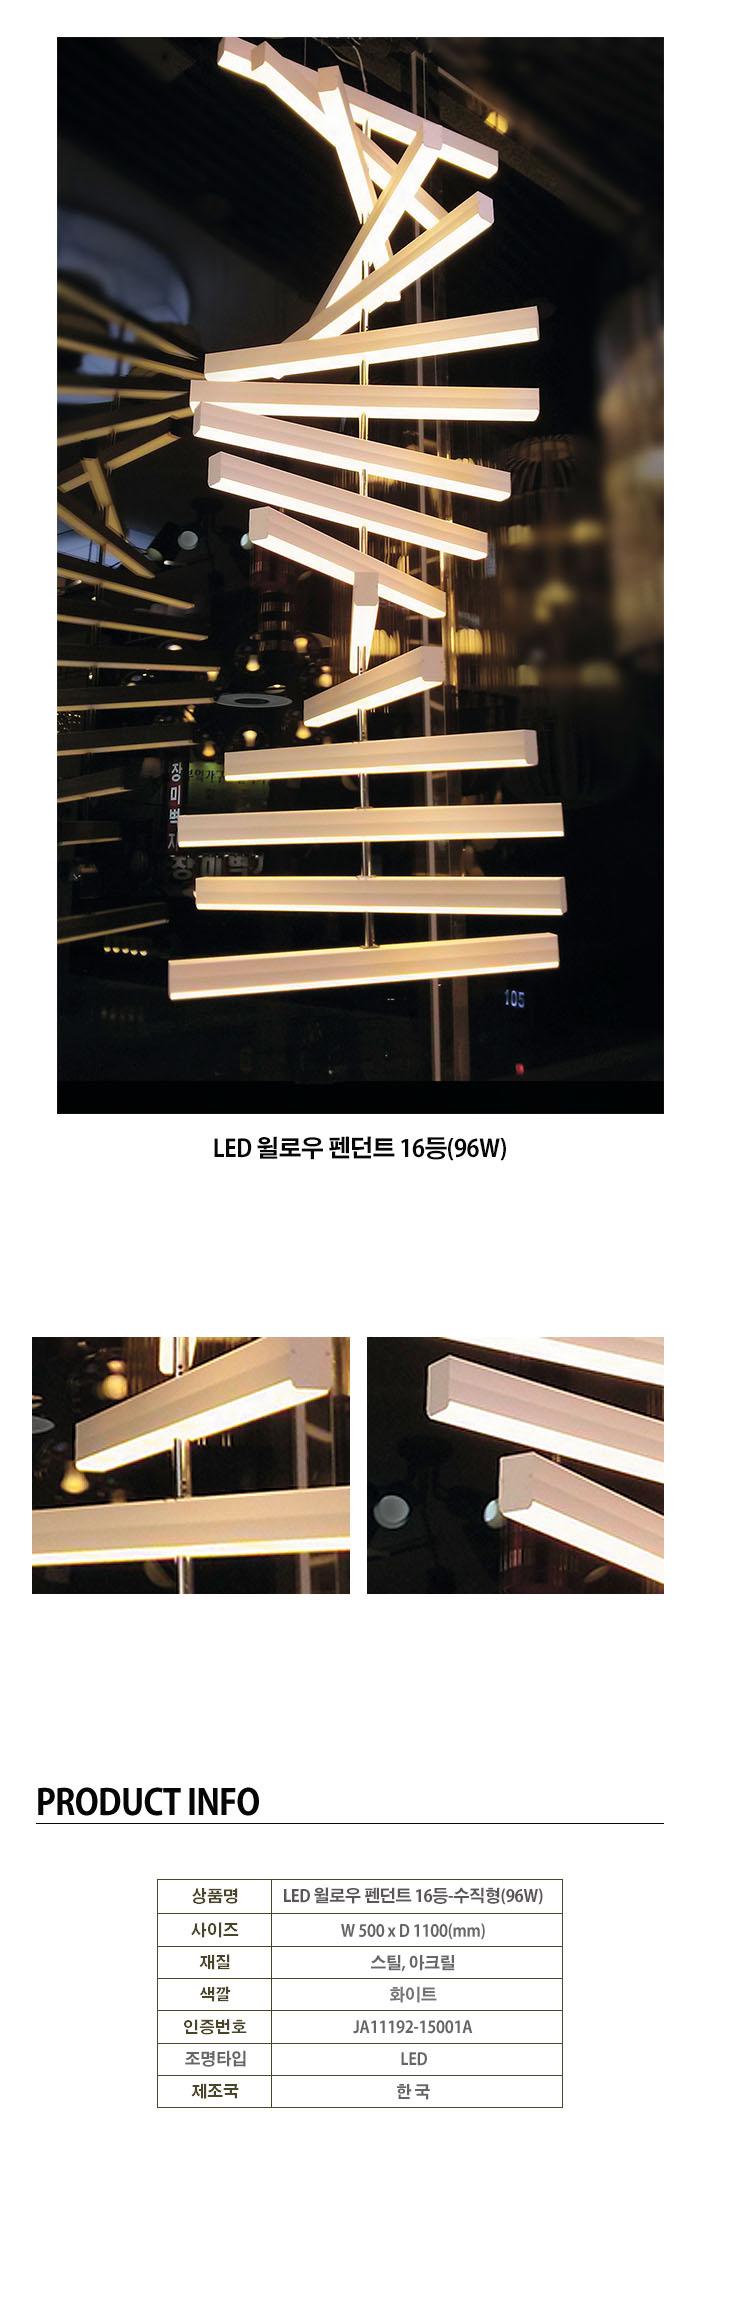 LED 윌로우 펜던트 16등-수직형(96W) - 하우스코디, 1,229,000원, 디자인조명, 팬던트조명